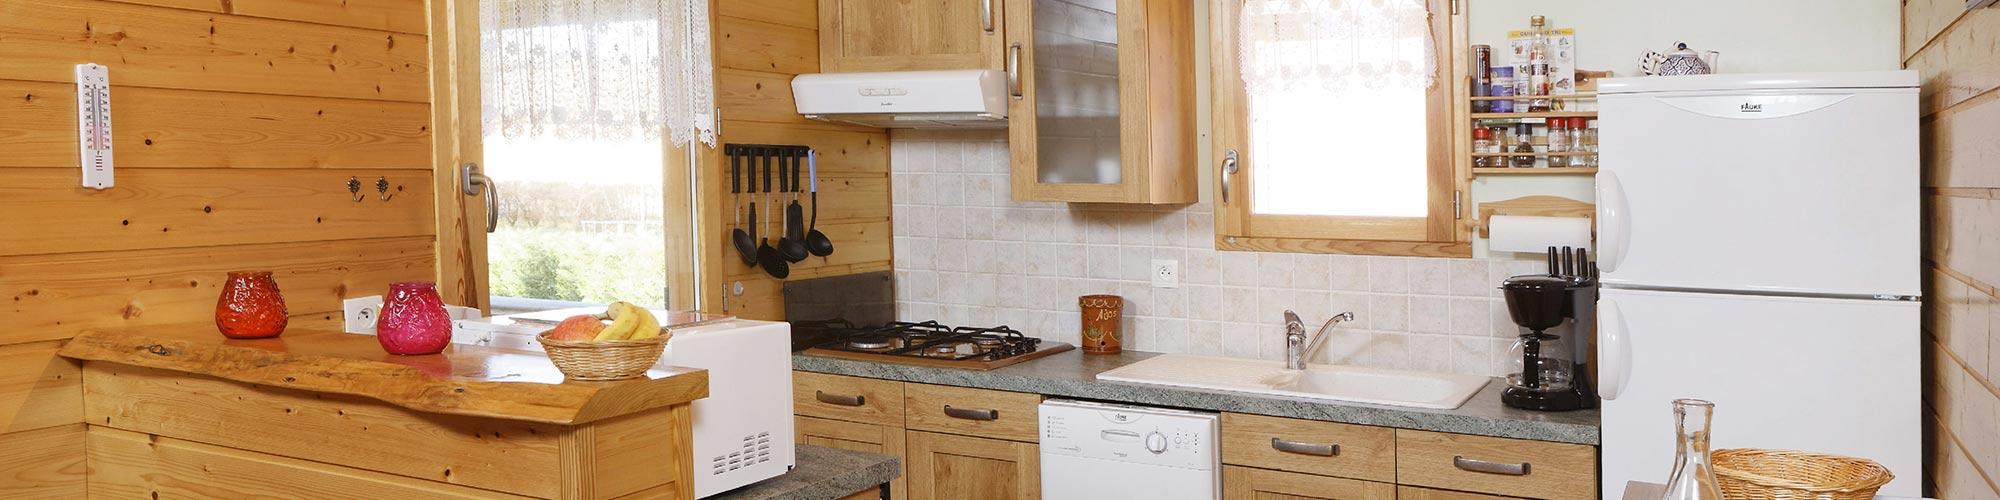 TAILLADE DE MONTSEGUR locations vacances Sud France, de type chalet en bois en Ariège dans les pyrénées à FOUGAX ET BARRINEUF